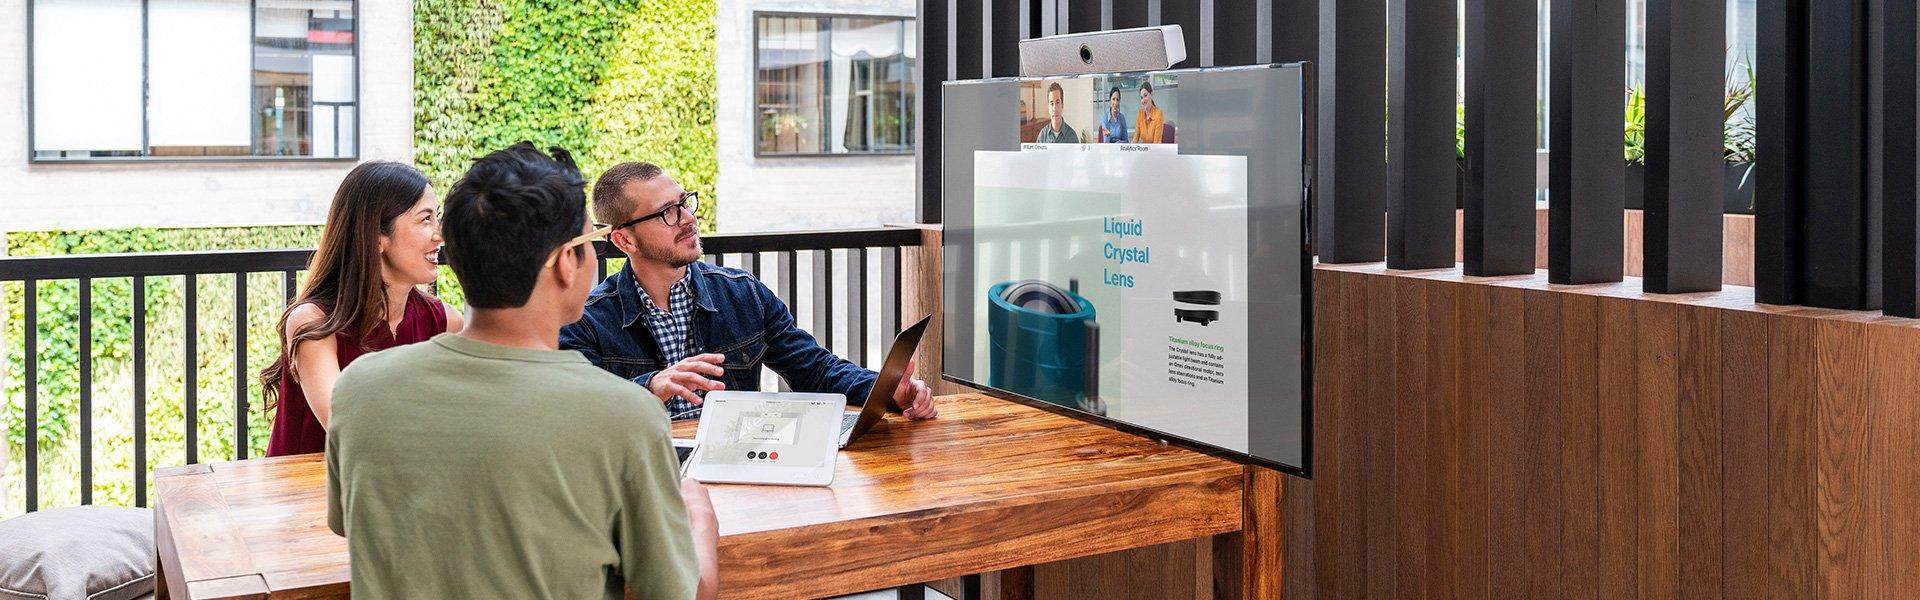 Drei Personen sitzen an Holztisch und schauen auf ein Display